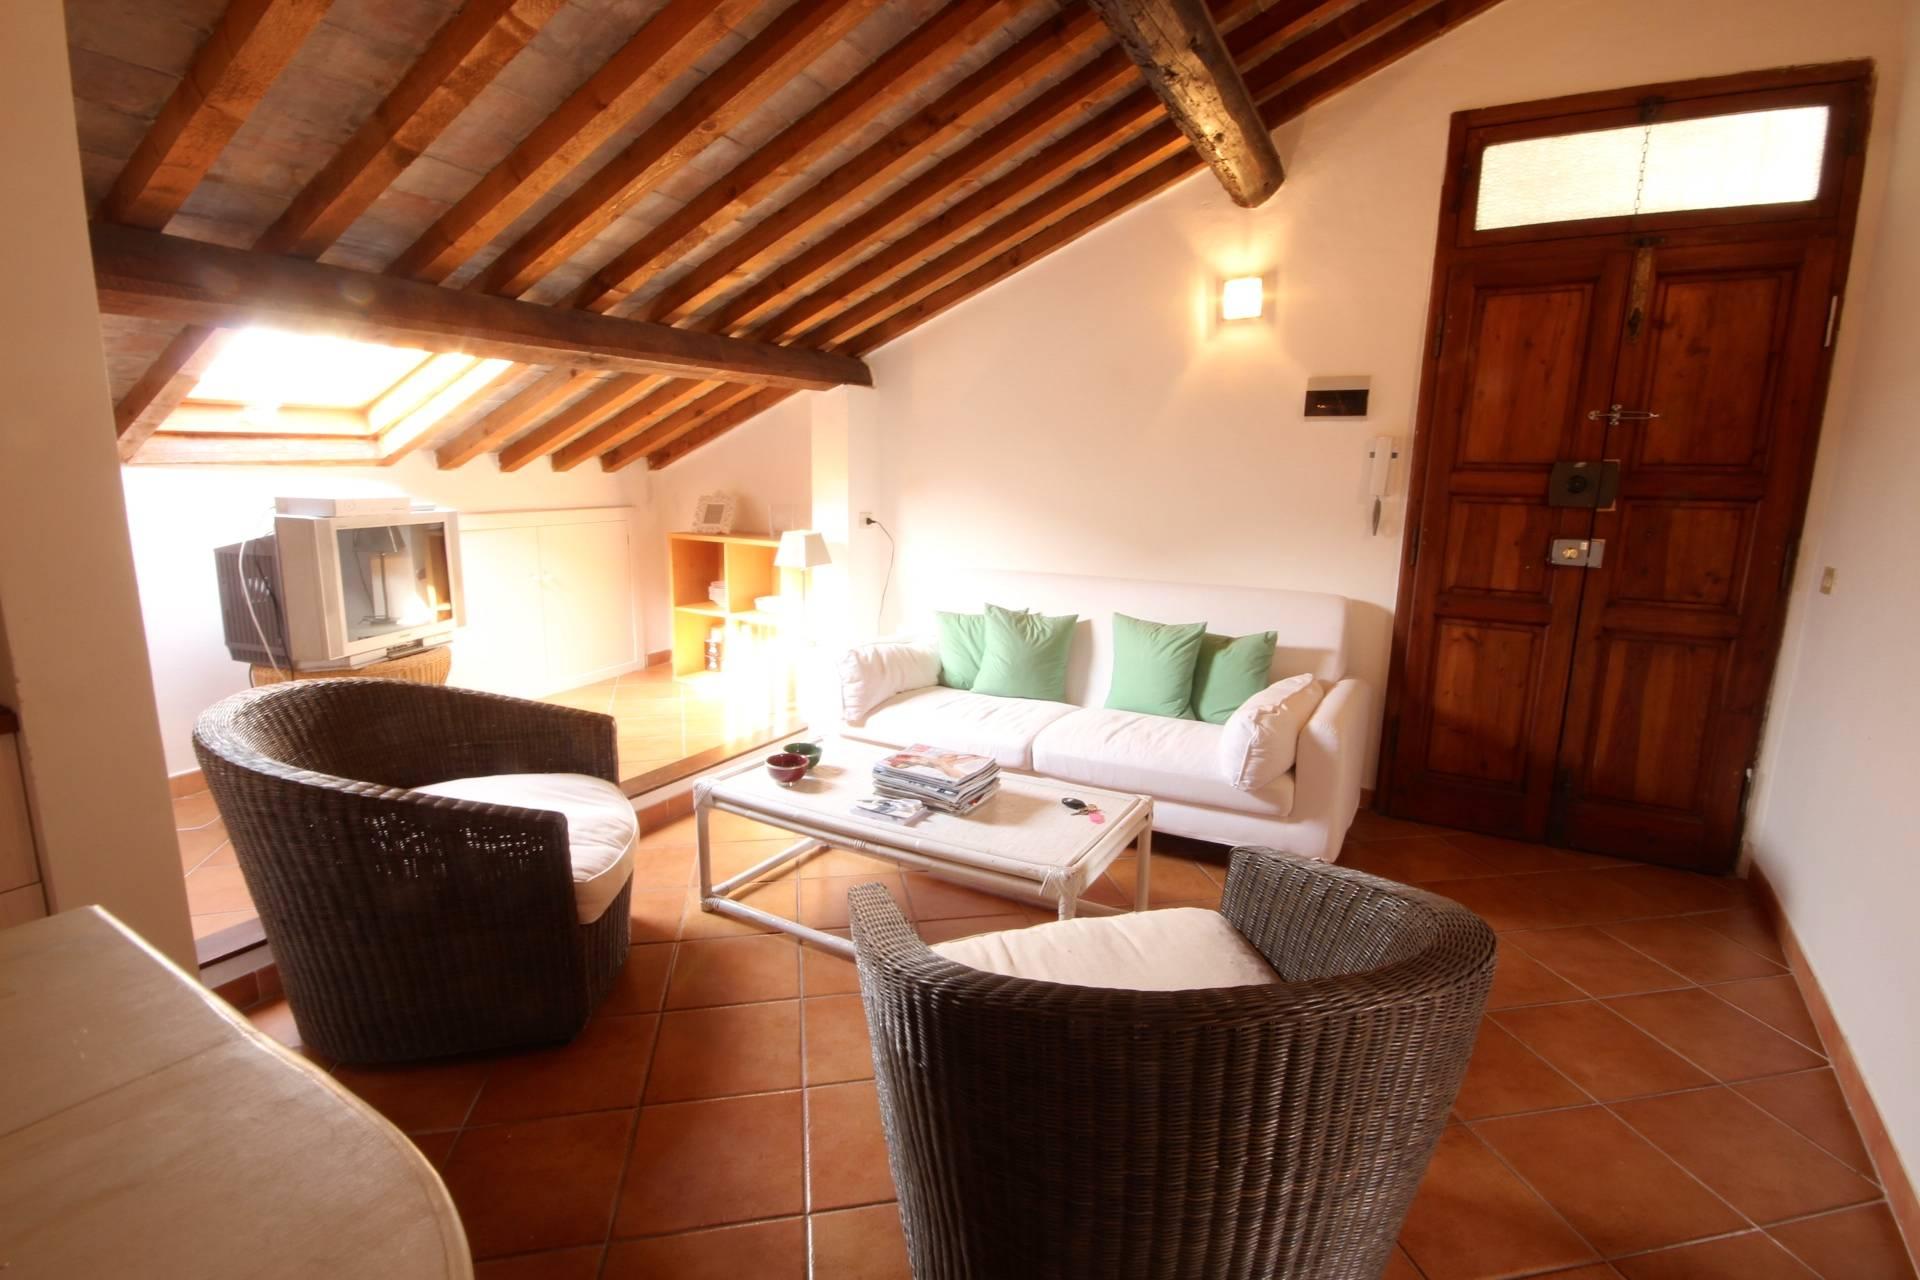 Appartamento in vendita a Orbetello, 3 locali, zona Località: Centrostorico, prezzo € 250.000   Cambio Casa.it